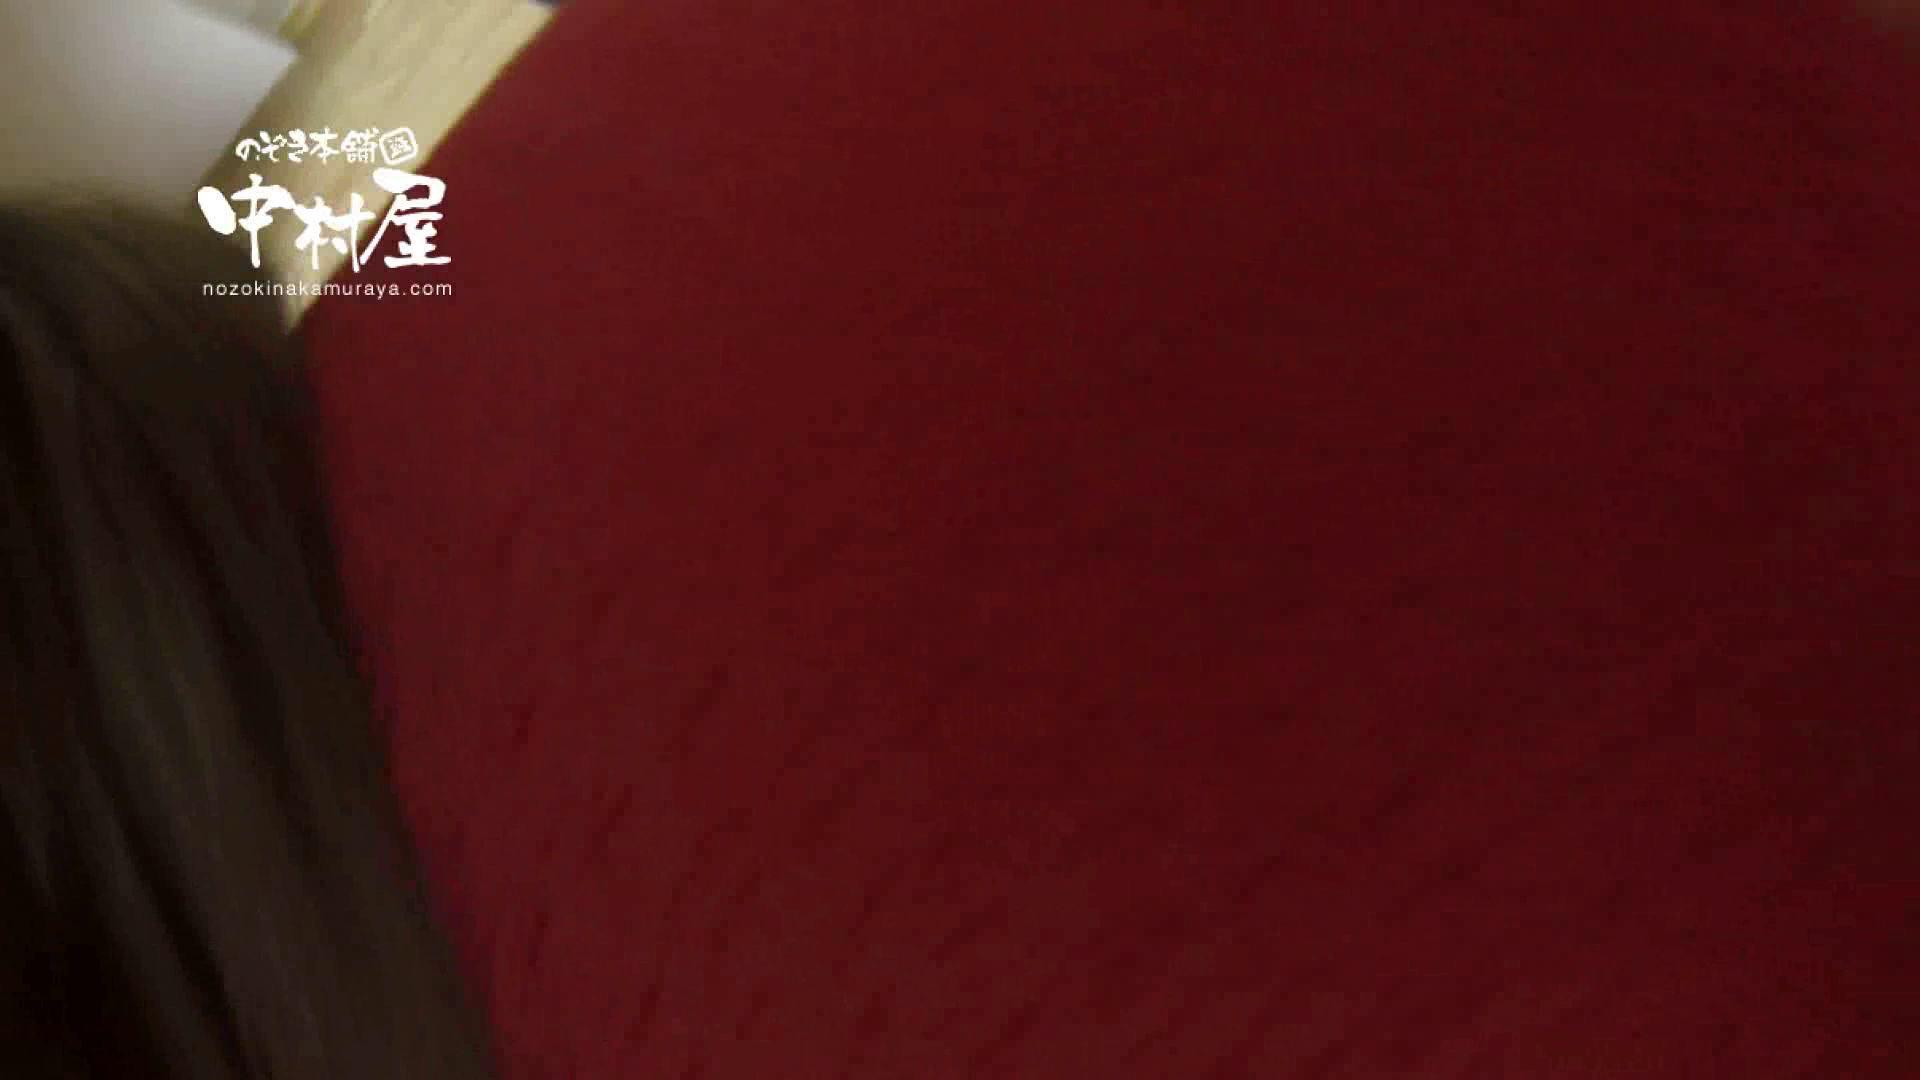 鬼畜 vol.07 パイパンだと?!中出ししてやる! 前編 綺麗なOLたち  95枚 4